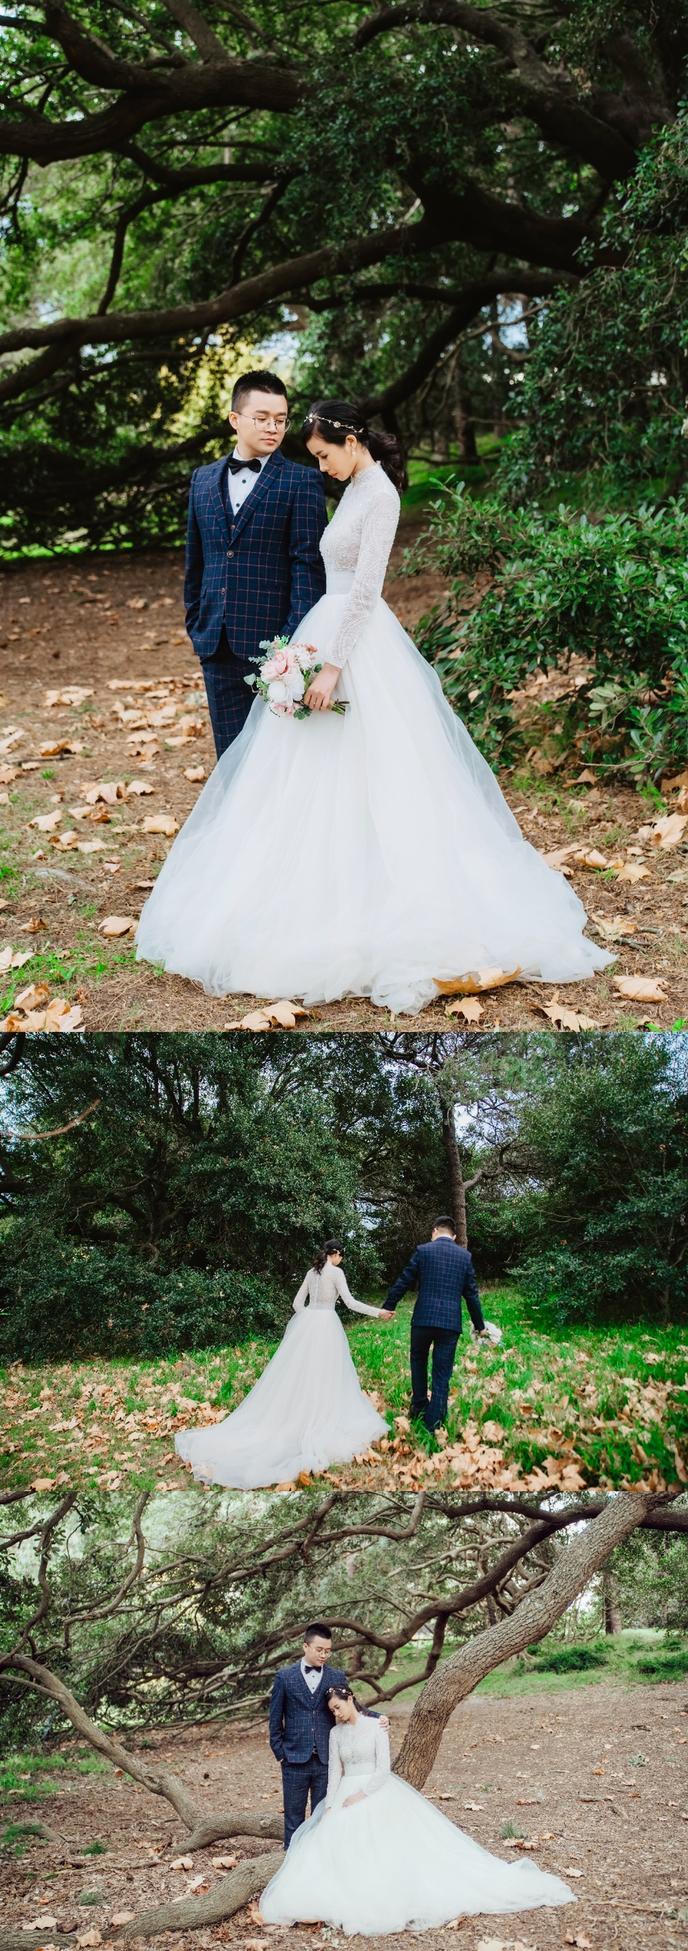 【33🐨の备婚日记】婚纱照